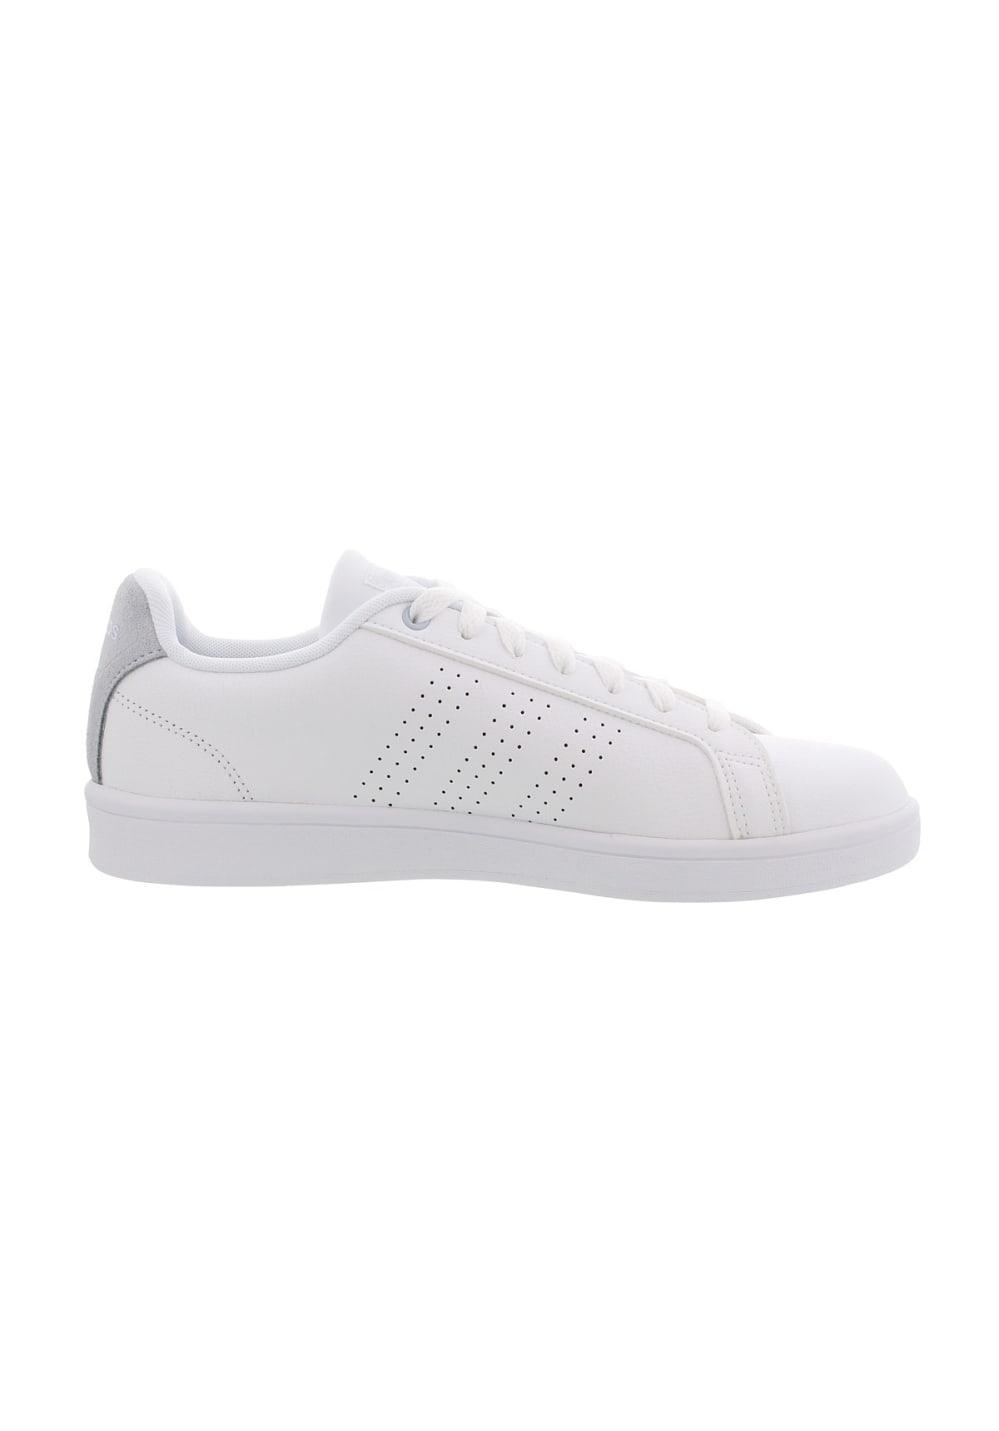 separation shoes 5f193 bfea5 adidas neo Cloudfoam Advantage Clean - Baskets pour Femme -